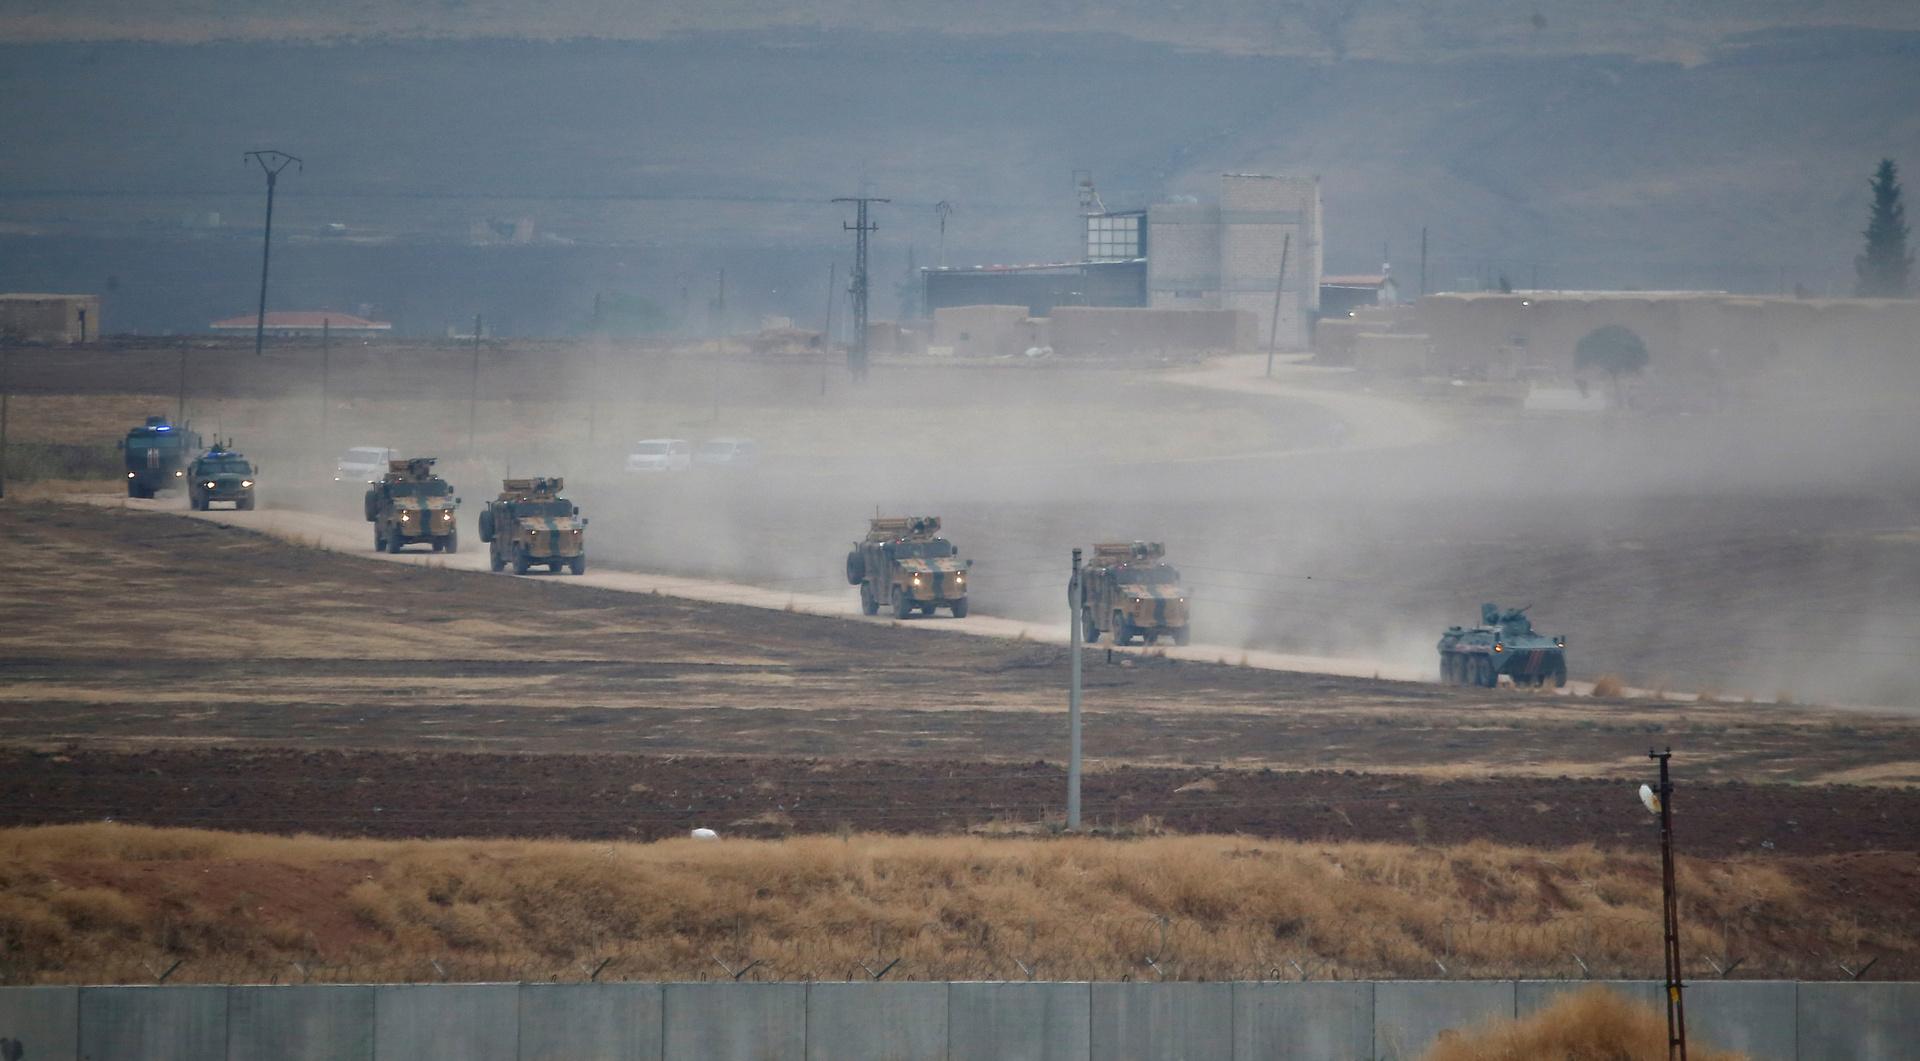 الدفاع الروسية تعلن عن نتائج المفاوضات العسكرية مع تركيا حول إدلب